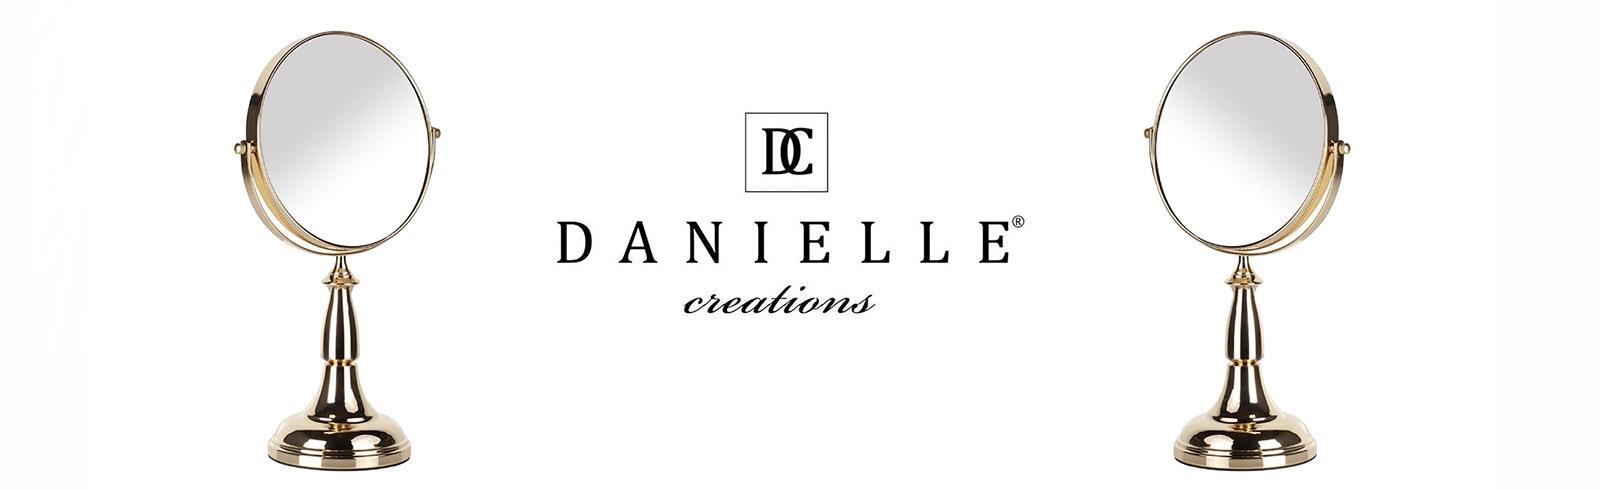 Espejos Danielle